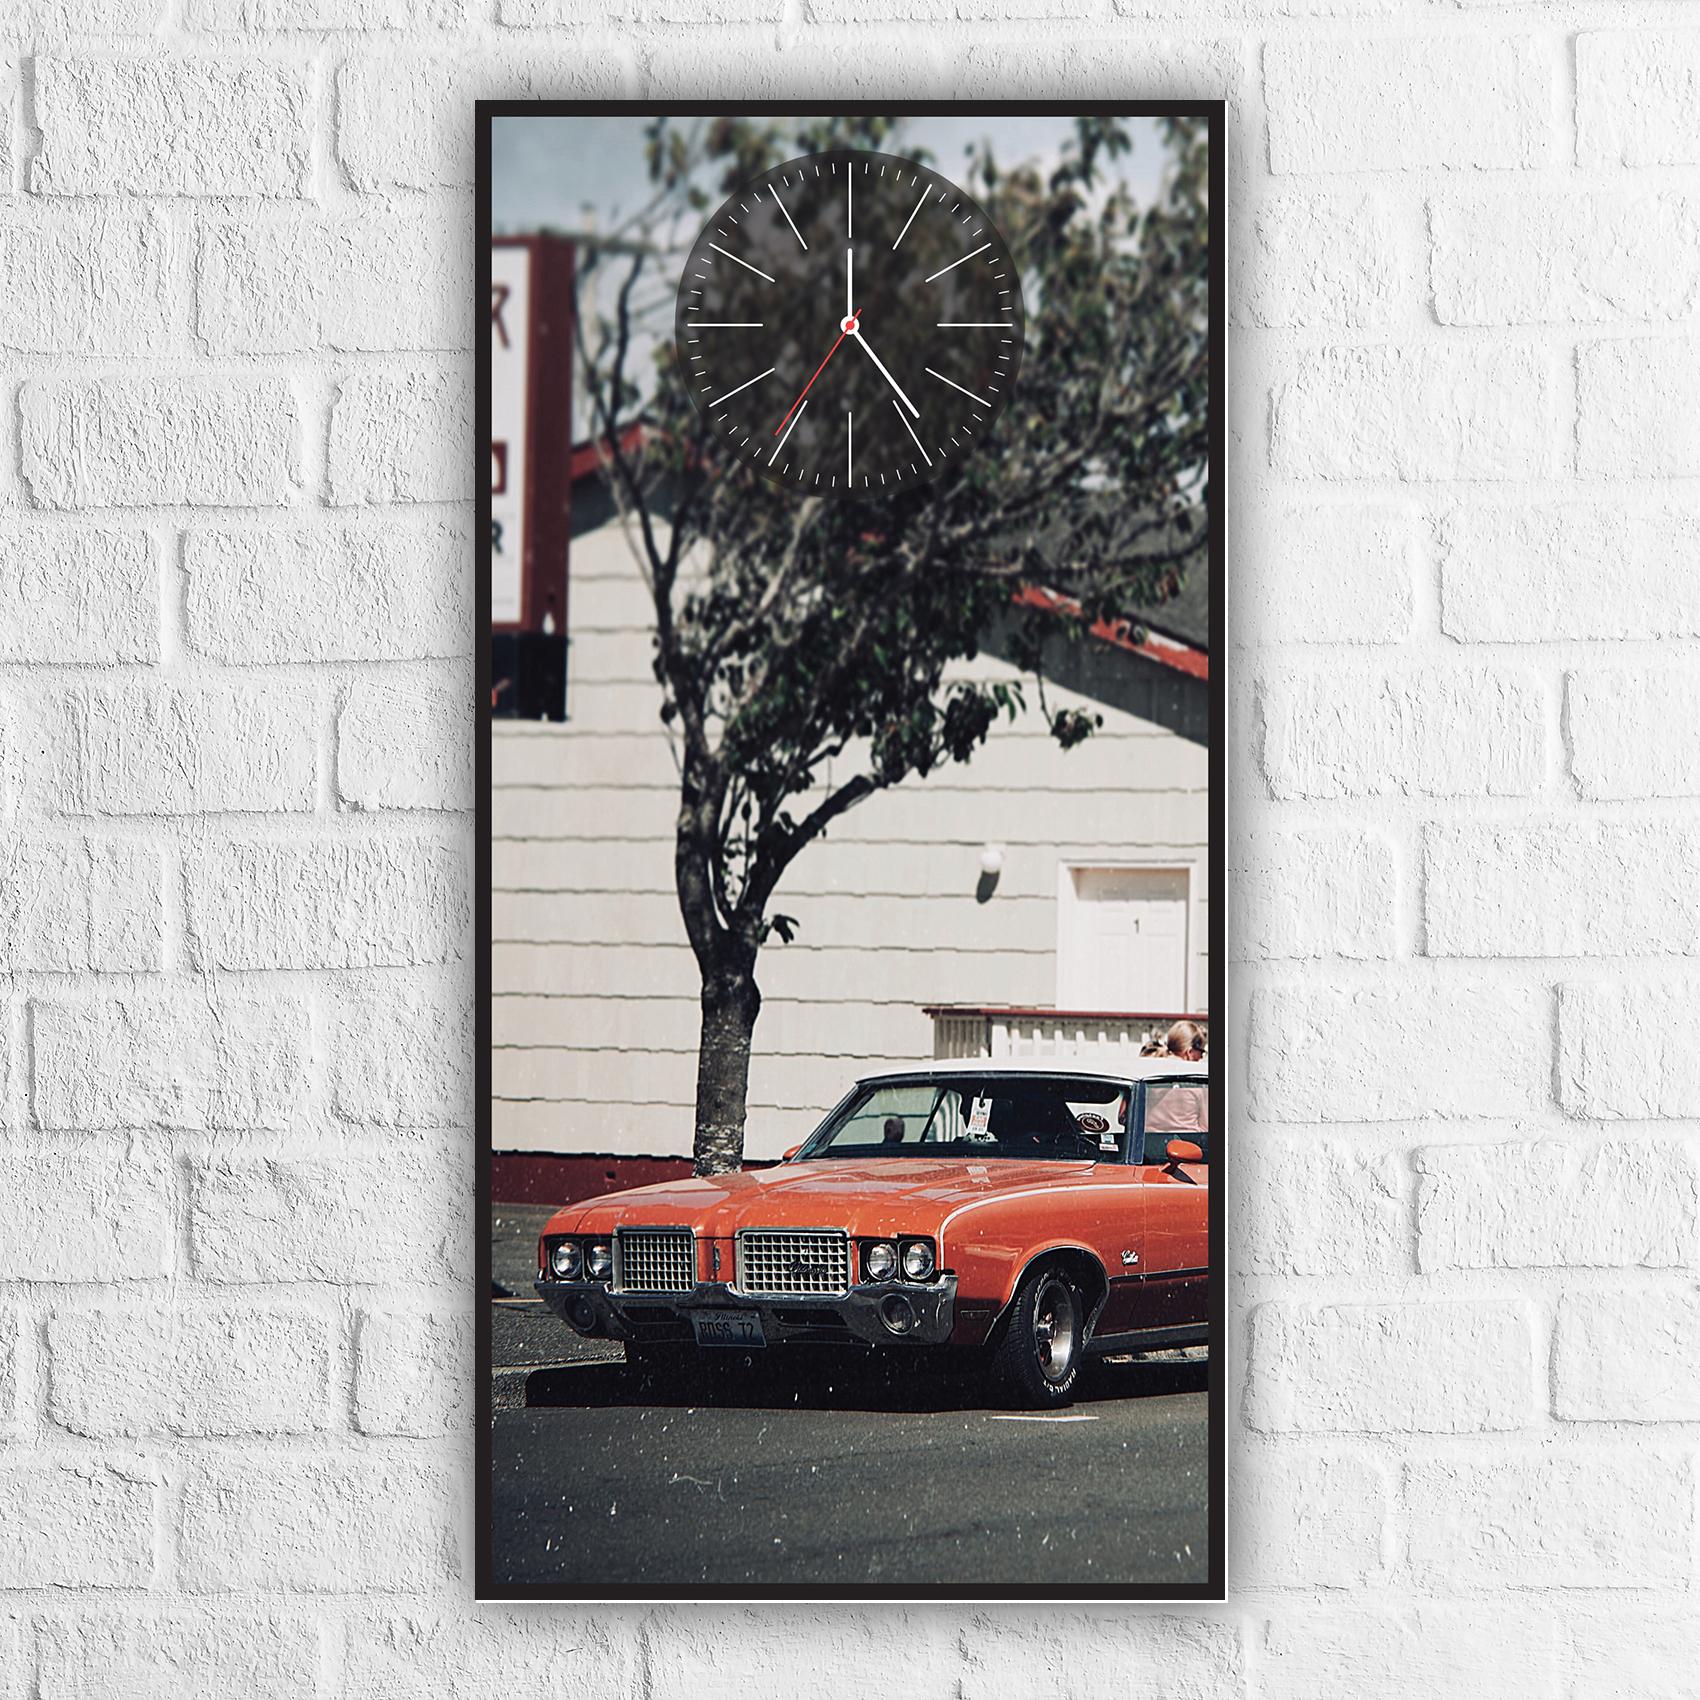 ساعة حائط بلوحة سيارة مزخرفة